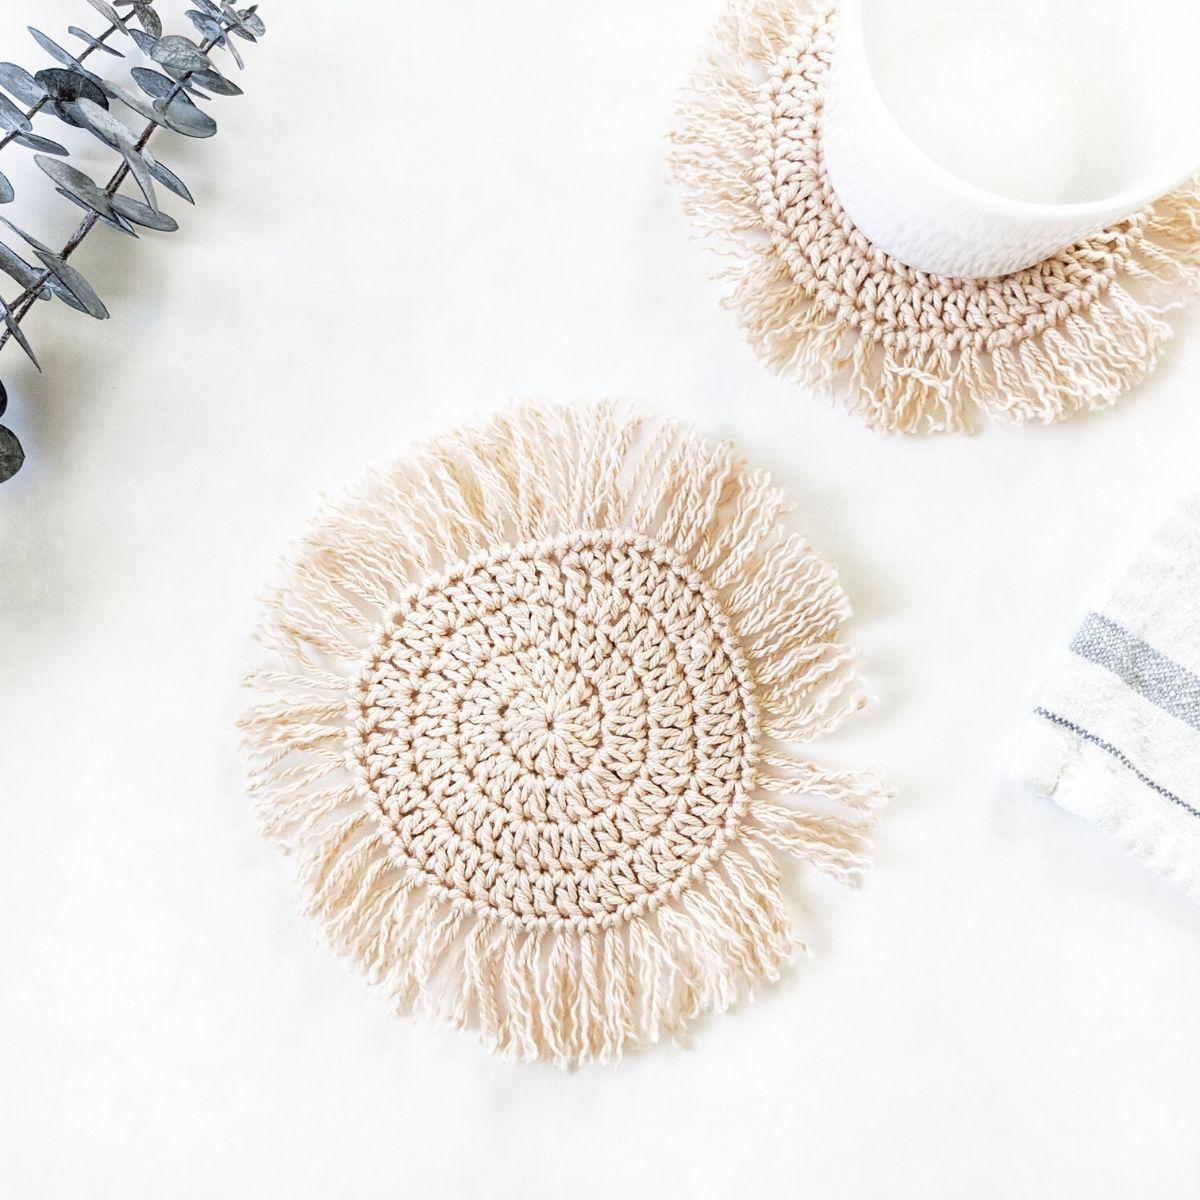 boho crochet coaster with fringe